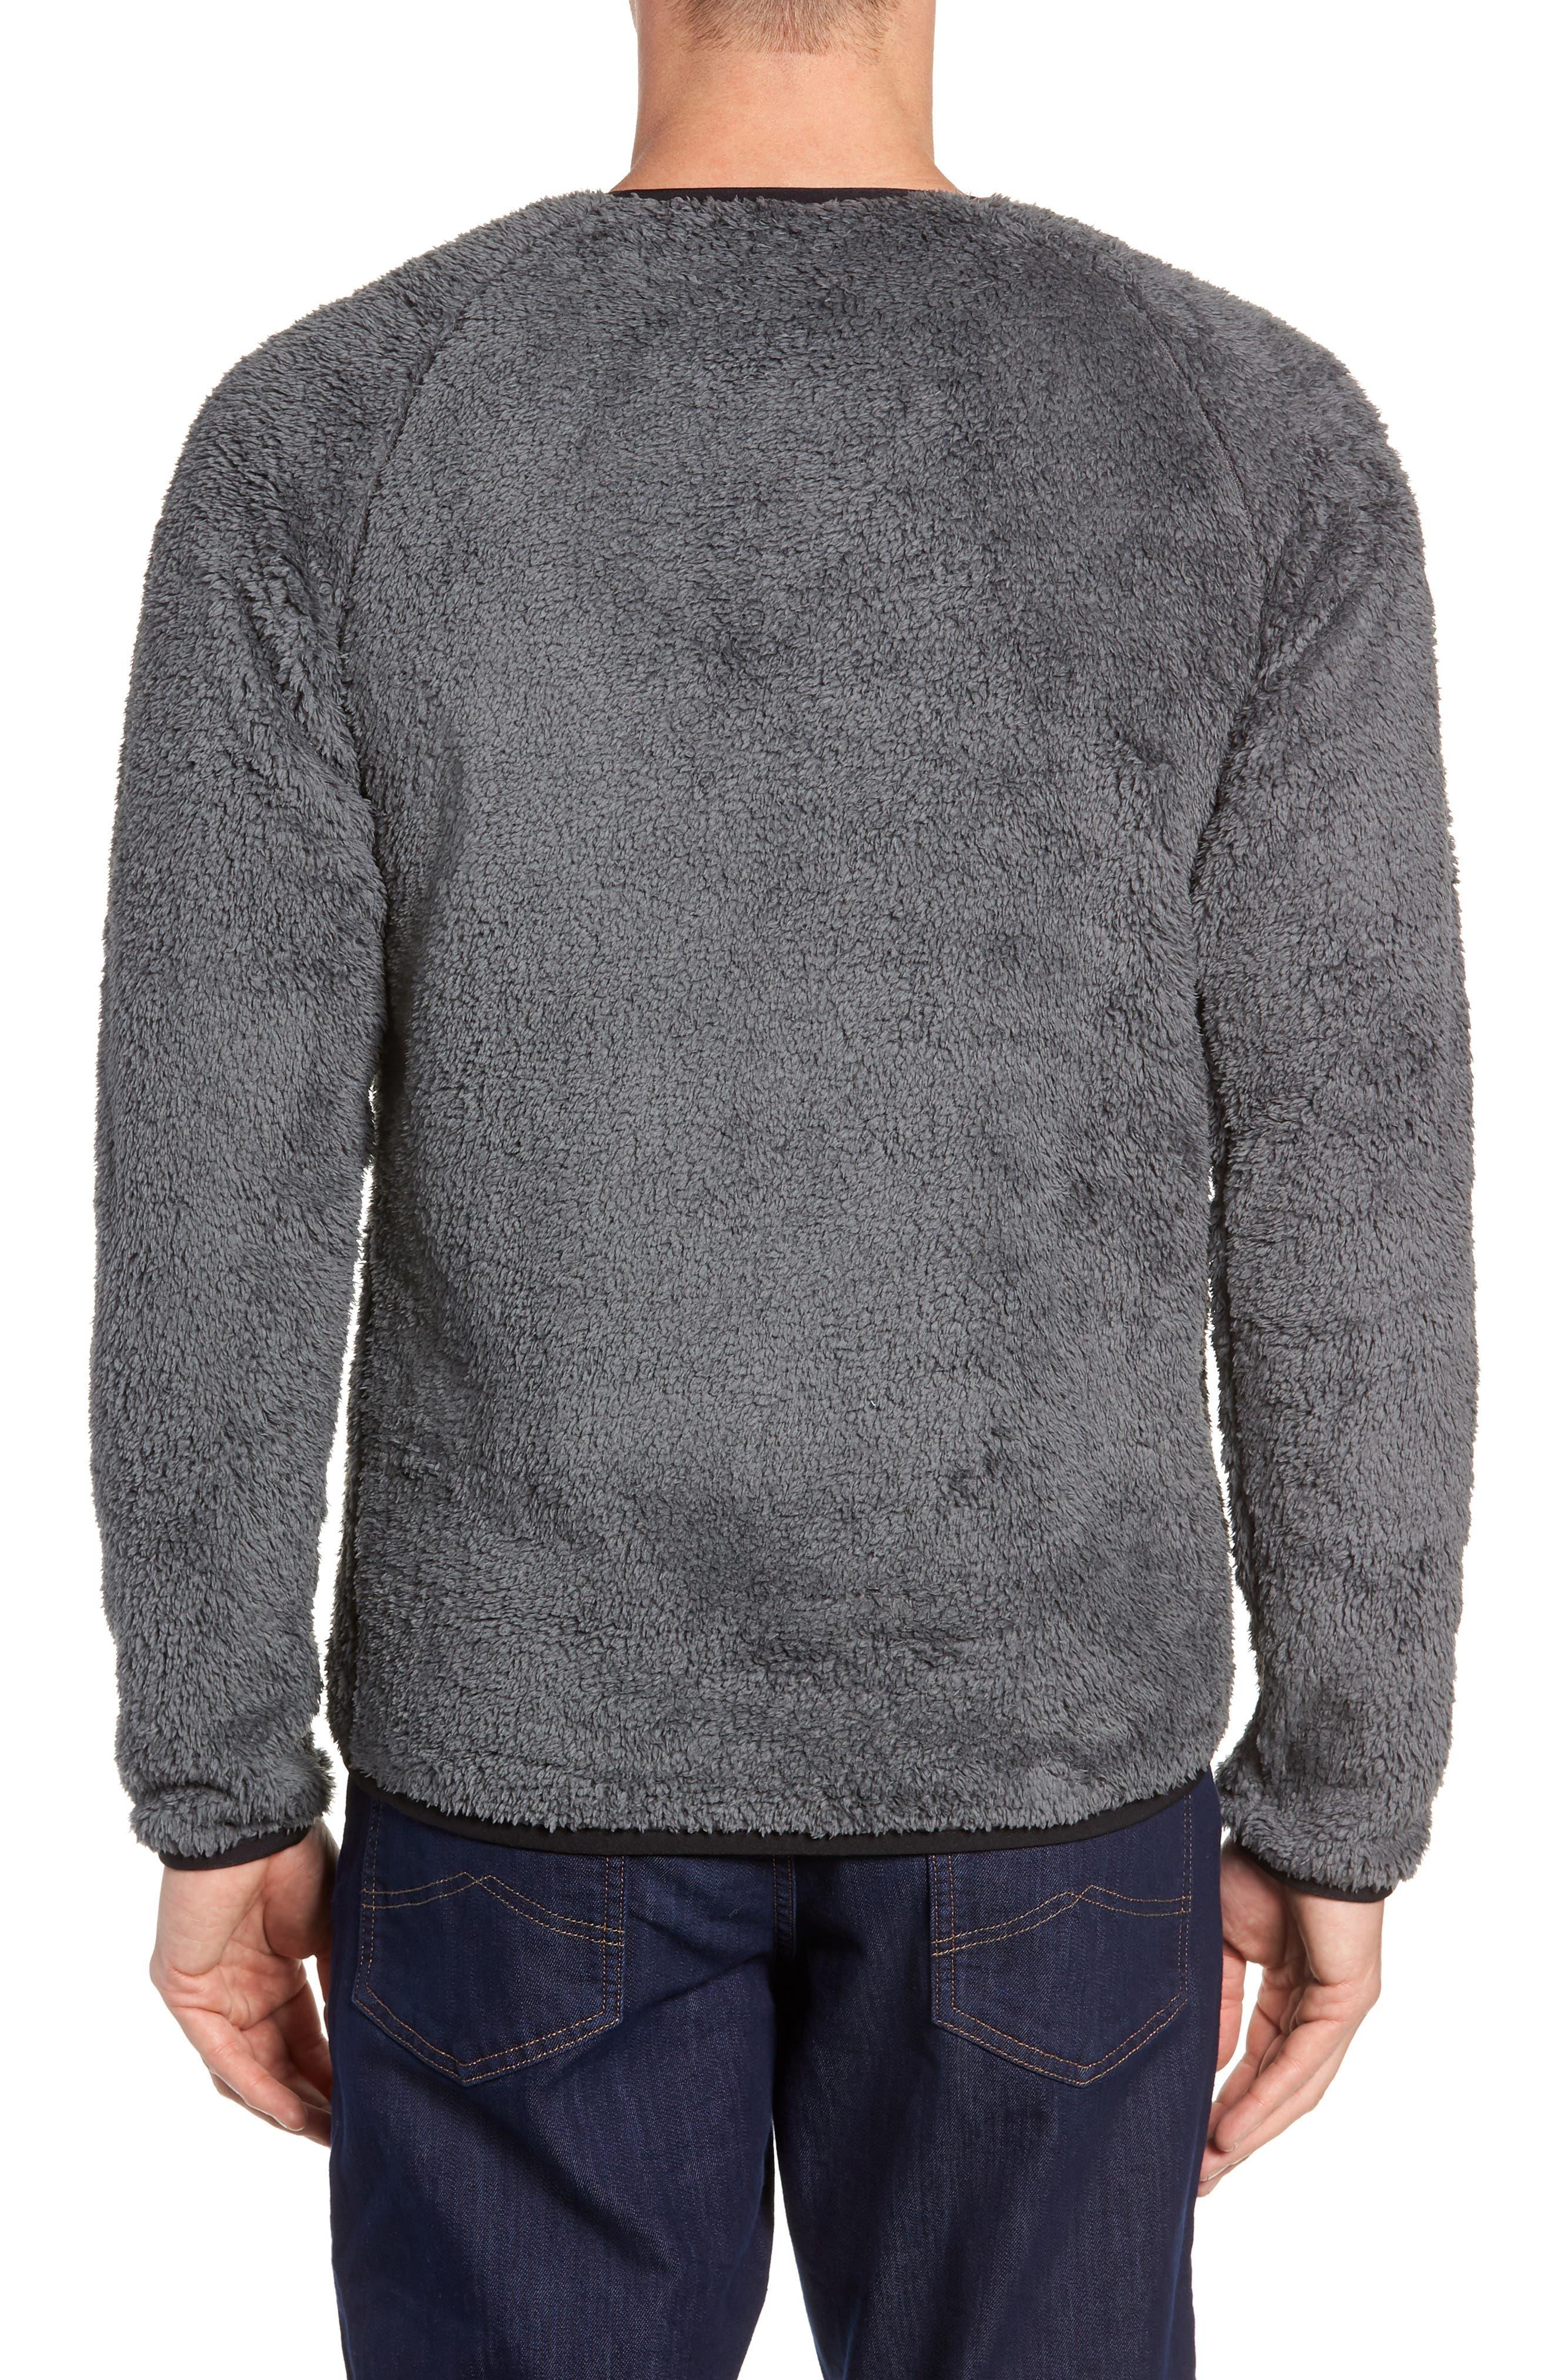 Los Gatos Fleece Crewneck Sweatshirt,                             Alternate thumbnail 2, color,                             020